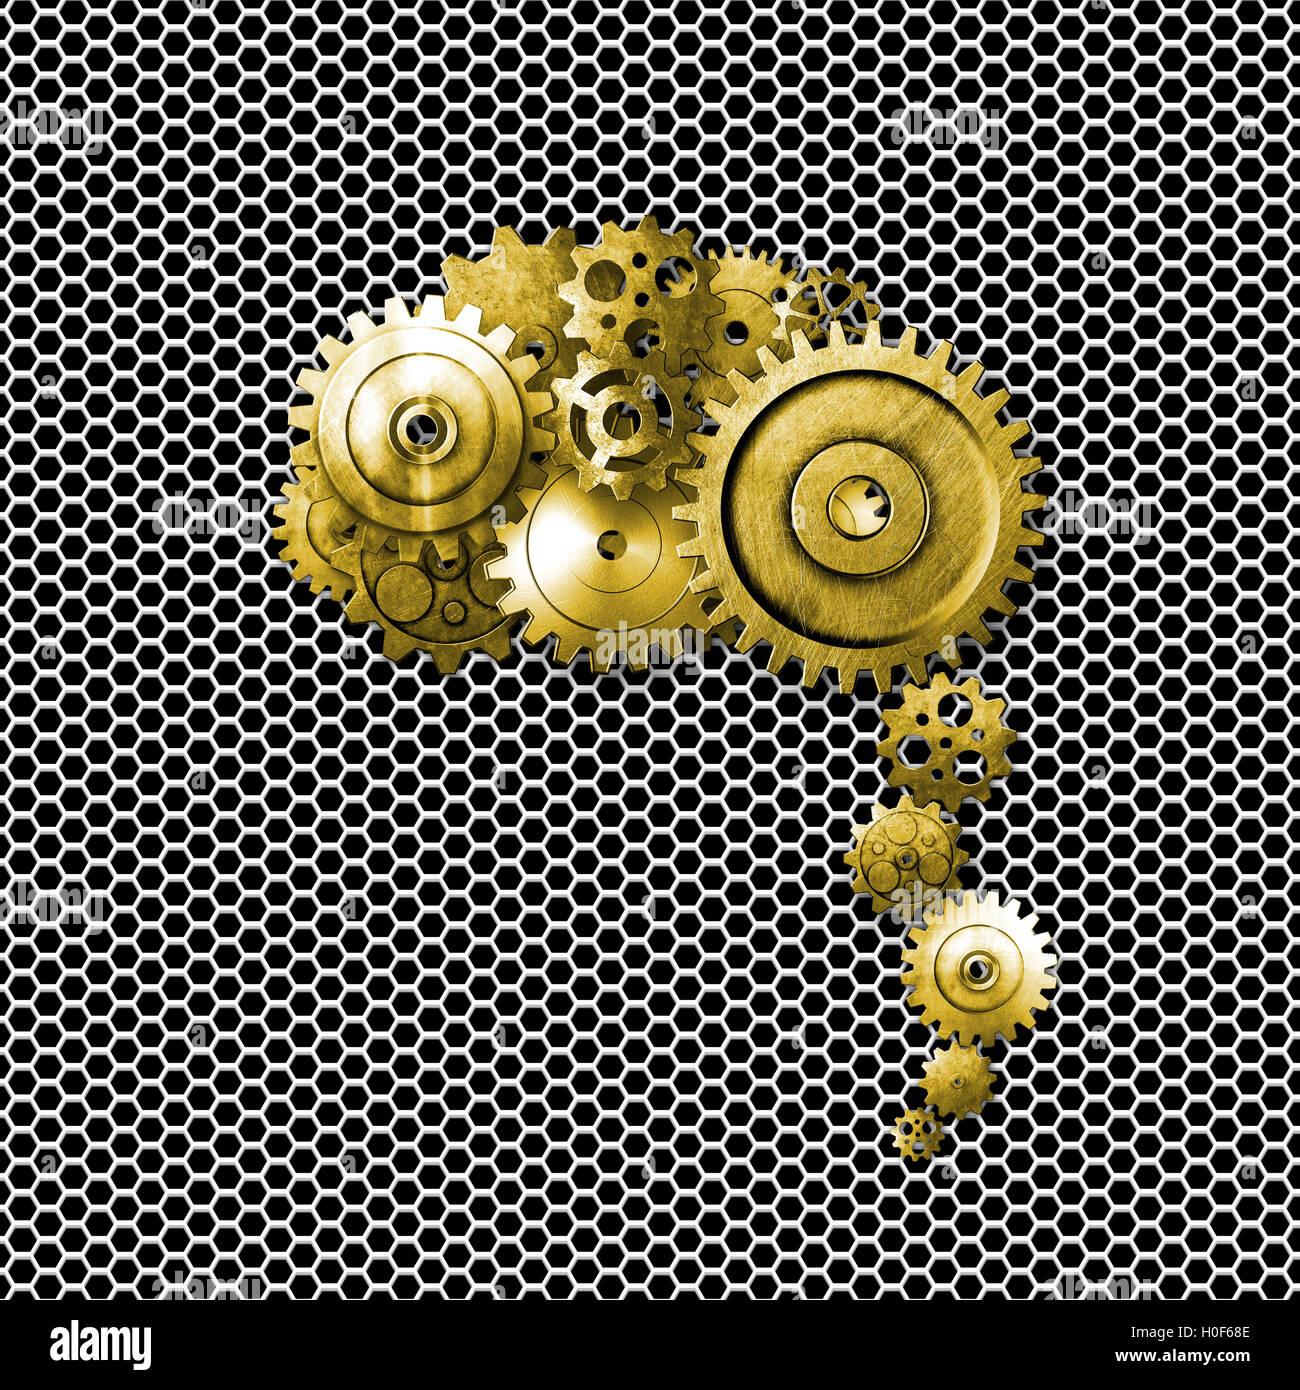 Oro Metal Gear en metal malla blanca parezca un cerebro humano. diseño material. Ilustración 3d. Imagen De Stock